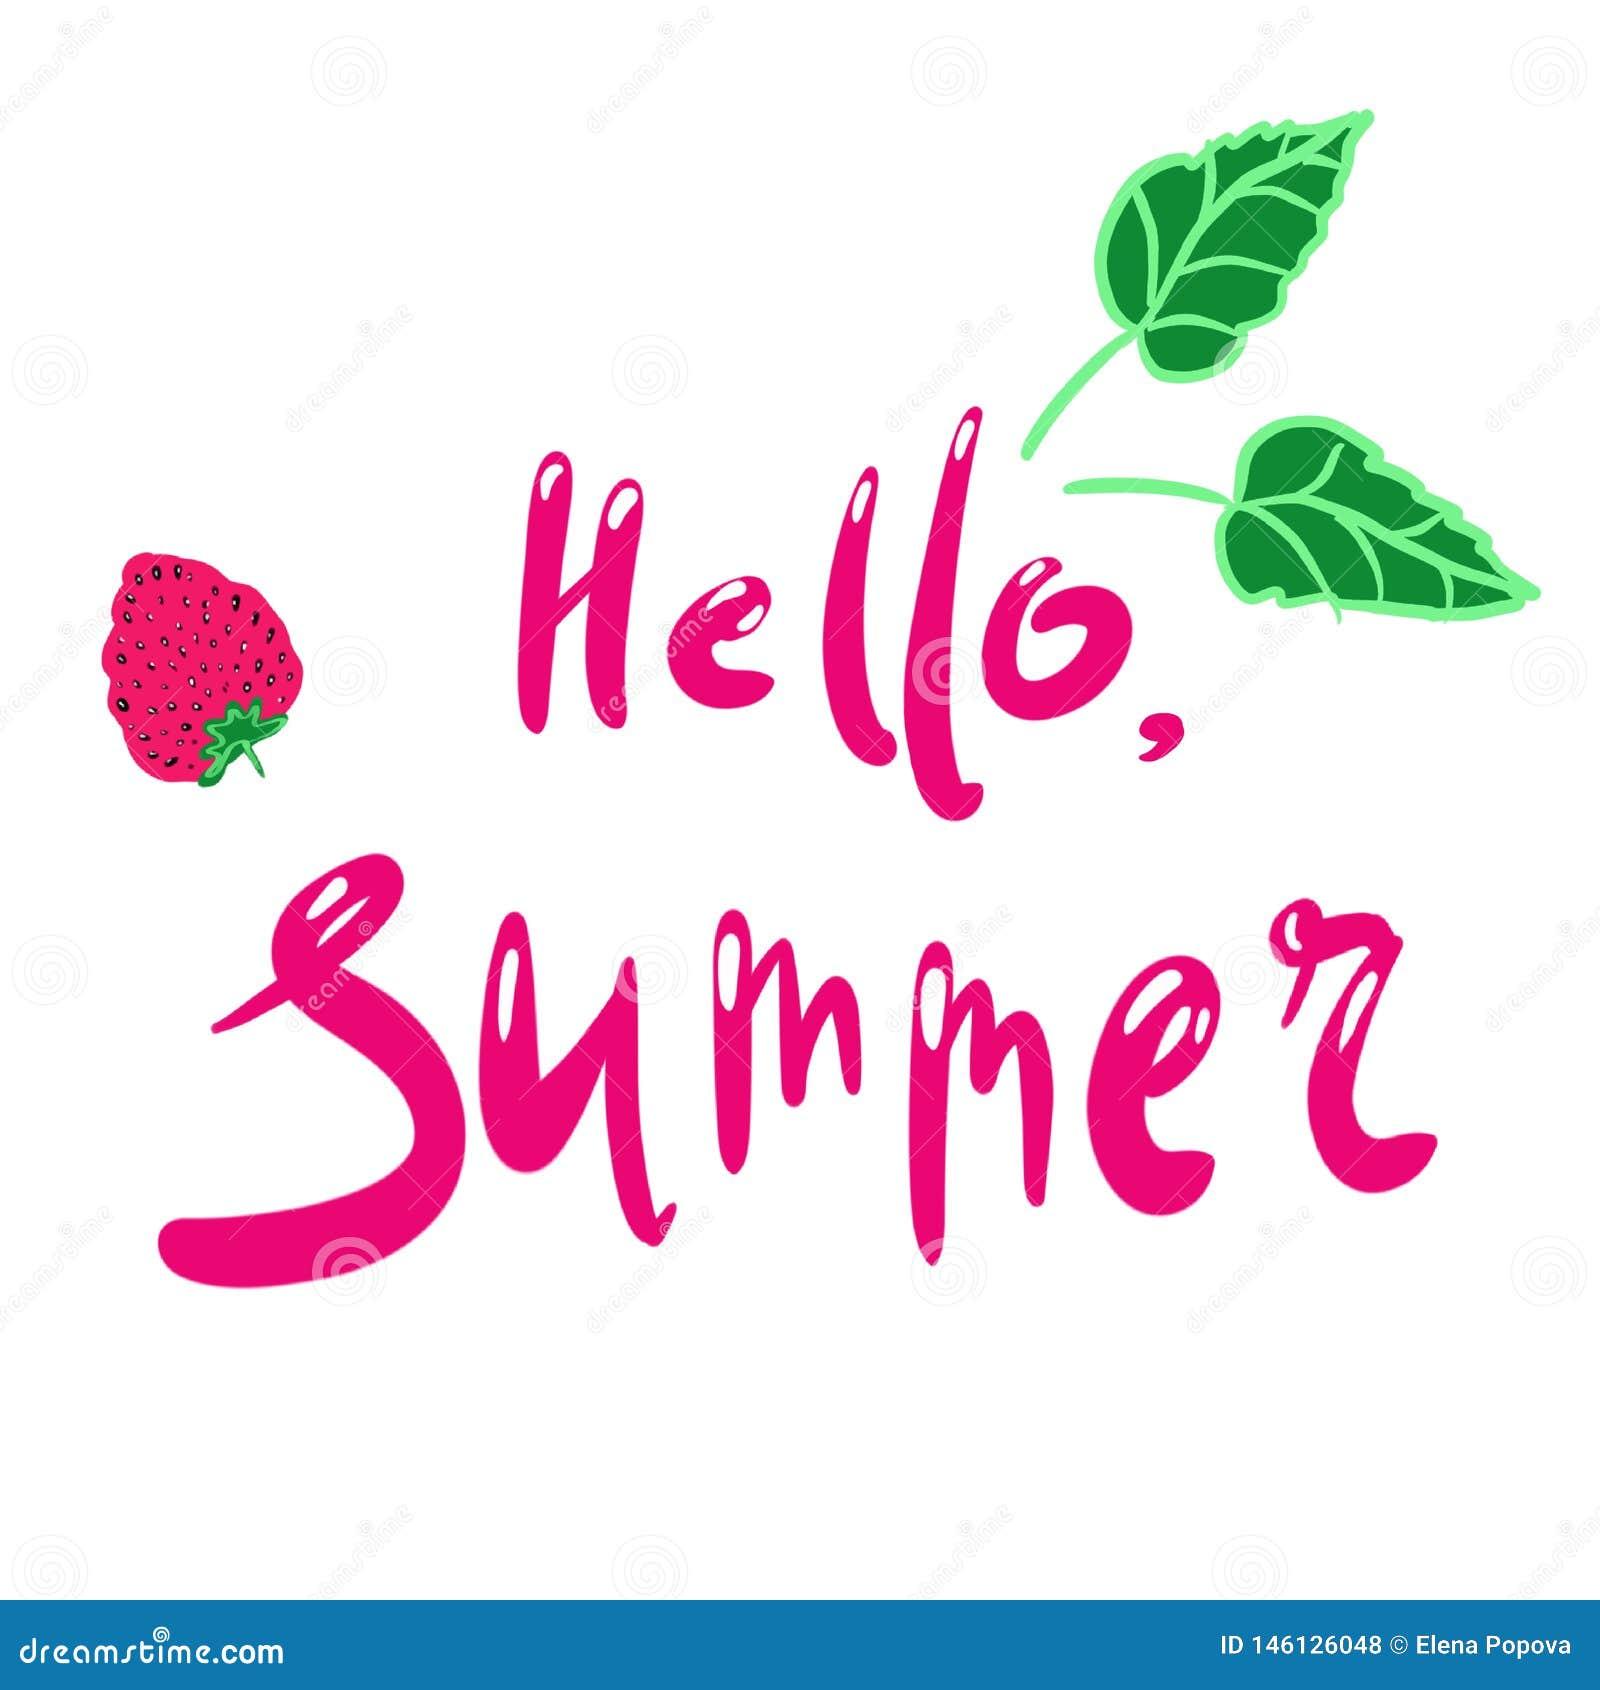 Hallo Sommer Beschriftungsphrase Handgeschriebener Text Erdbeere- und Gr?nbl?tter Illustration auf einem lokalisierten weißen Hin